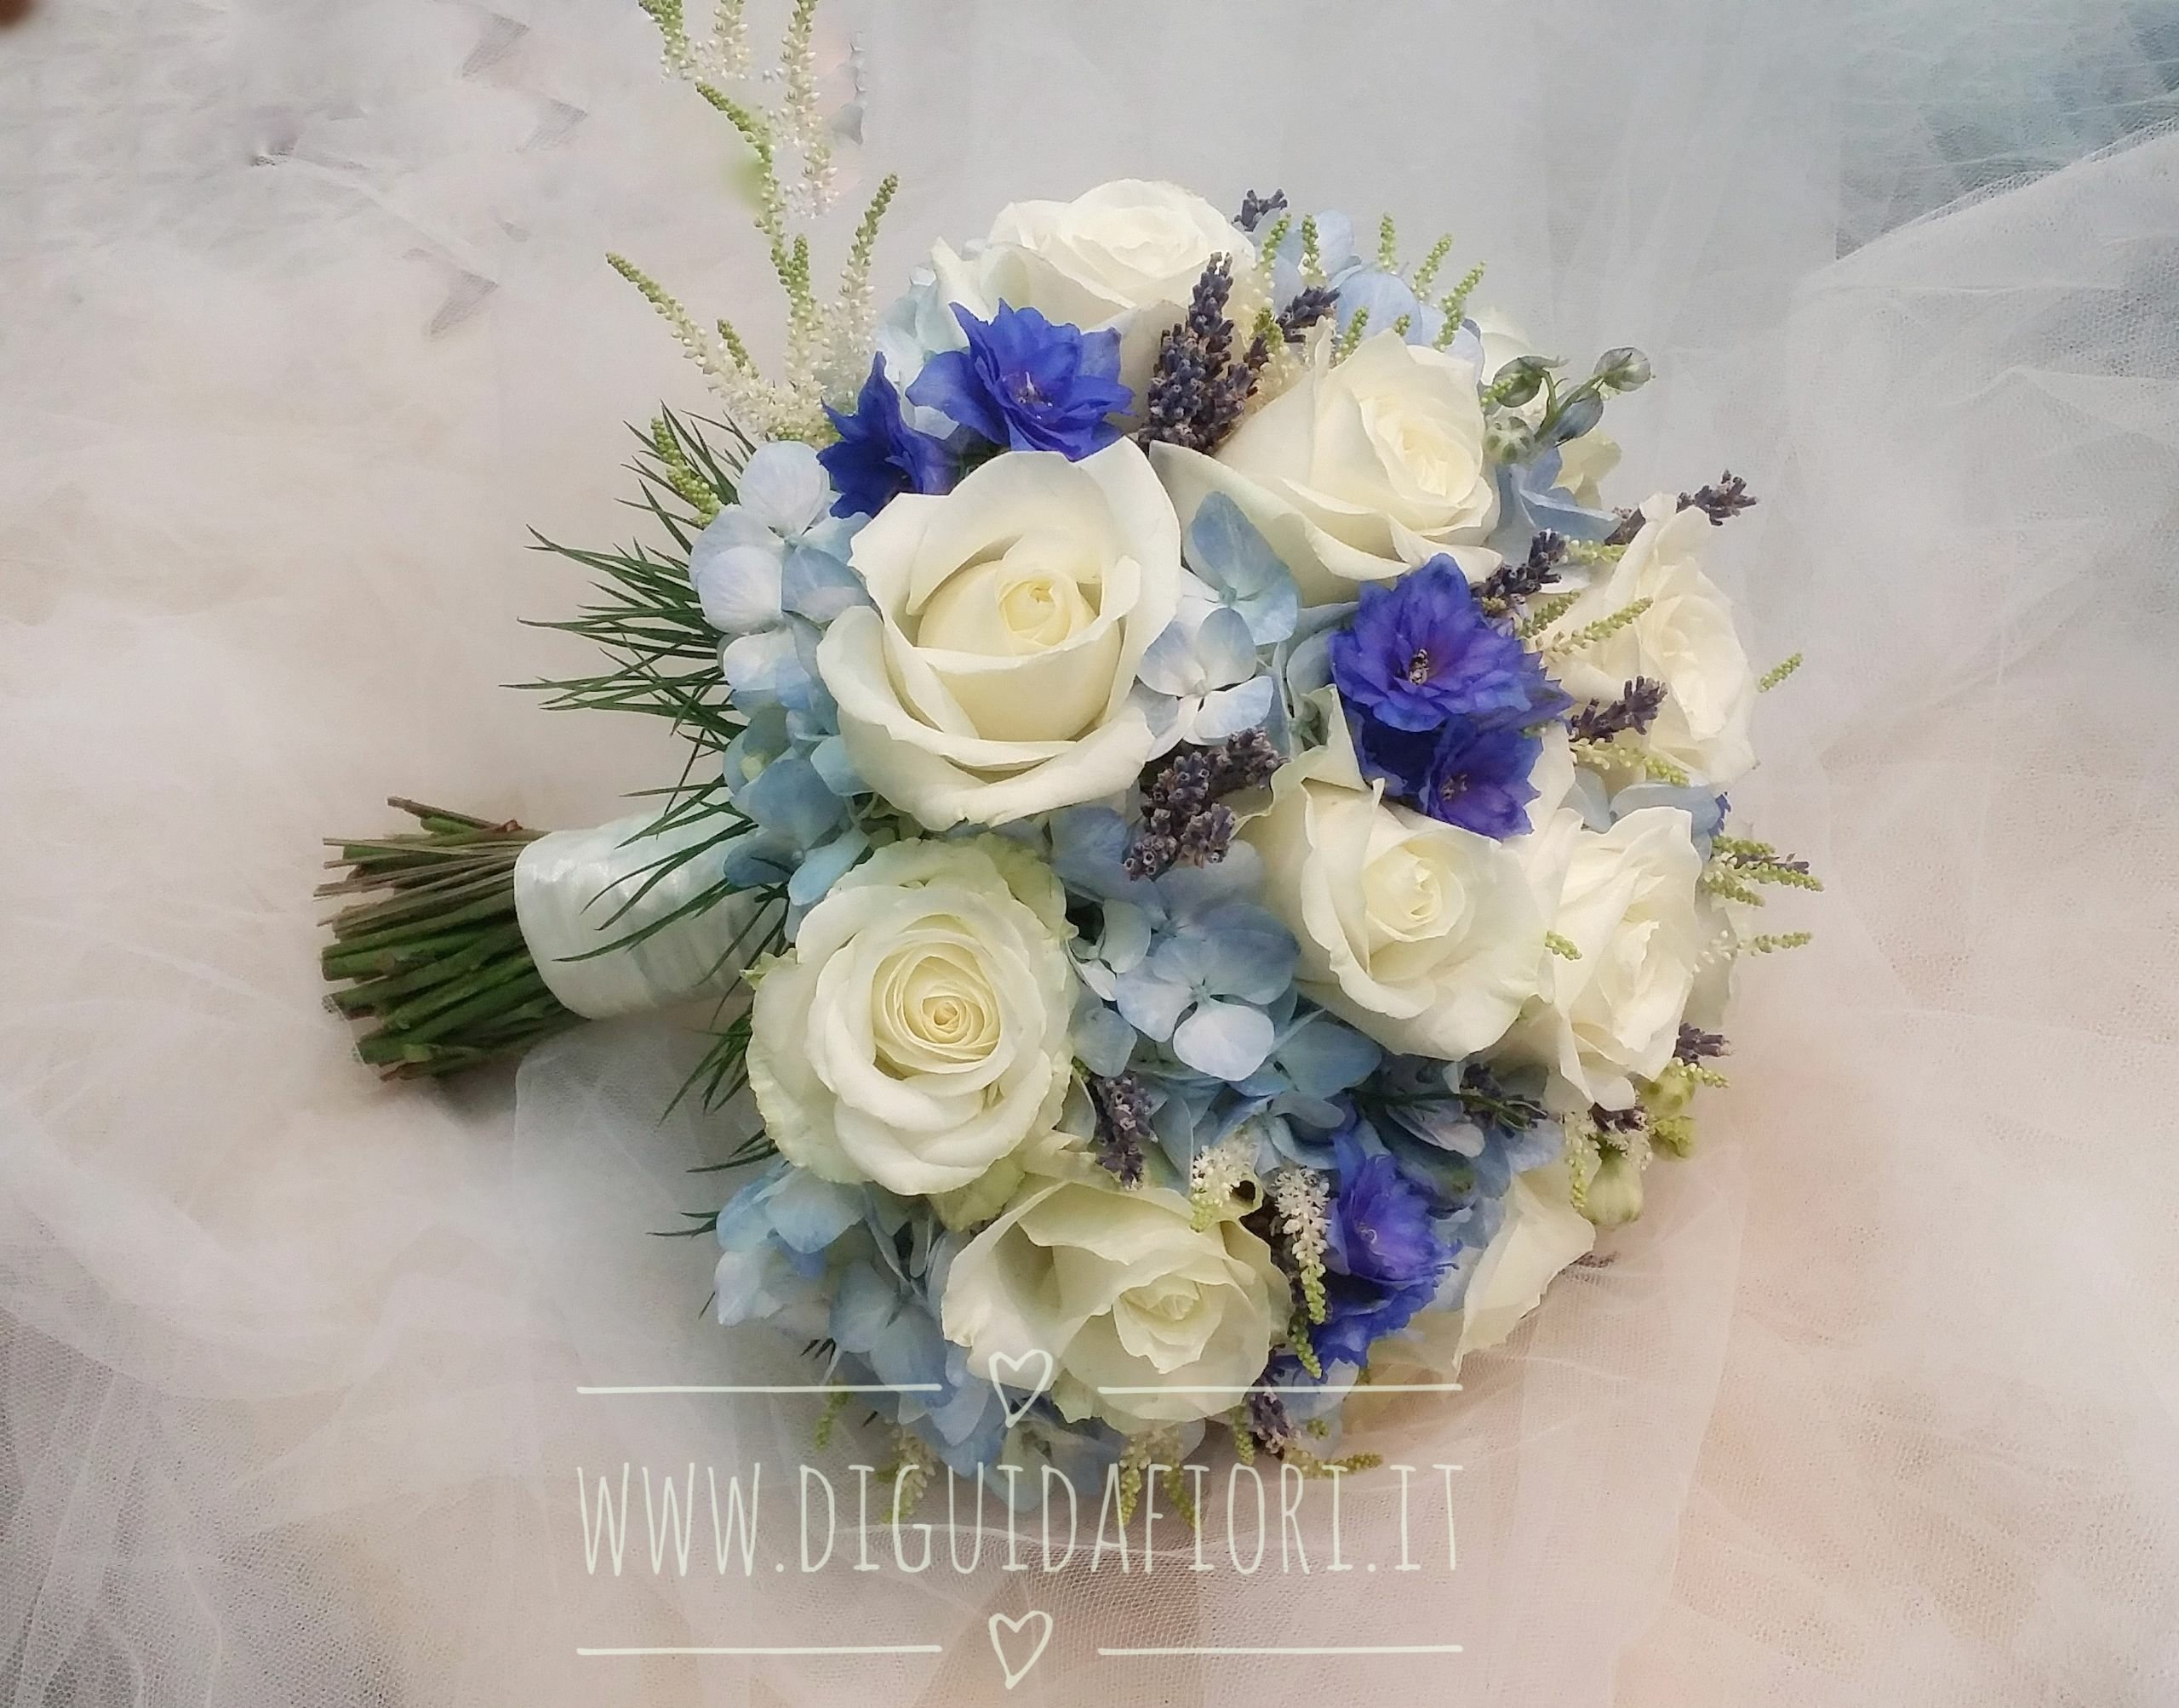 Matrimonio Azzurro E Blu : Bouquet da sposa azzurro e blu fiorista roberto di guida